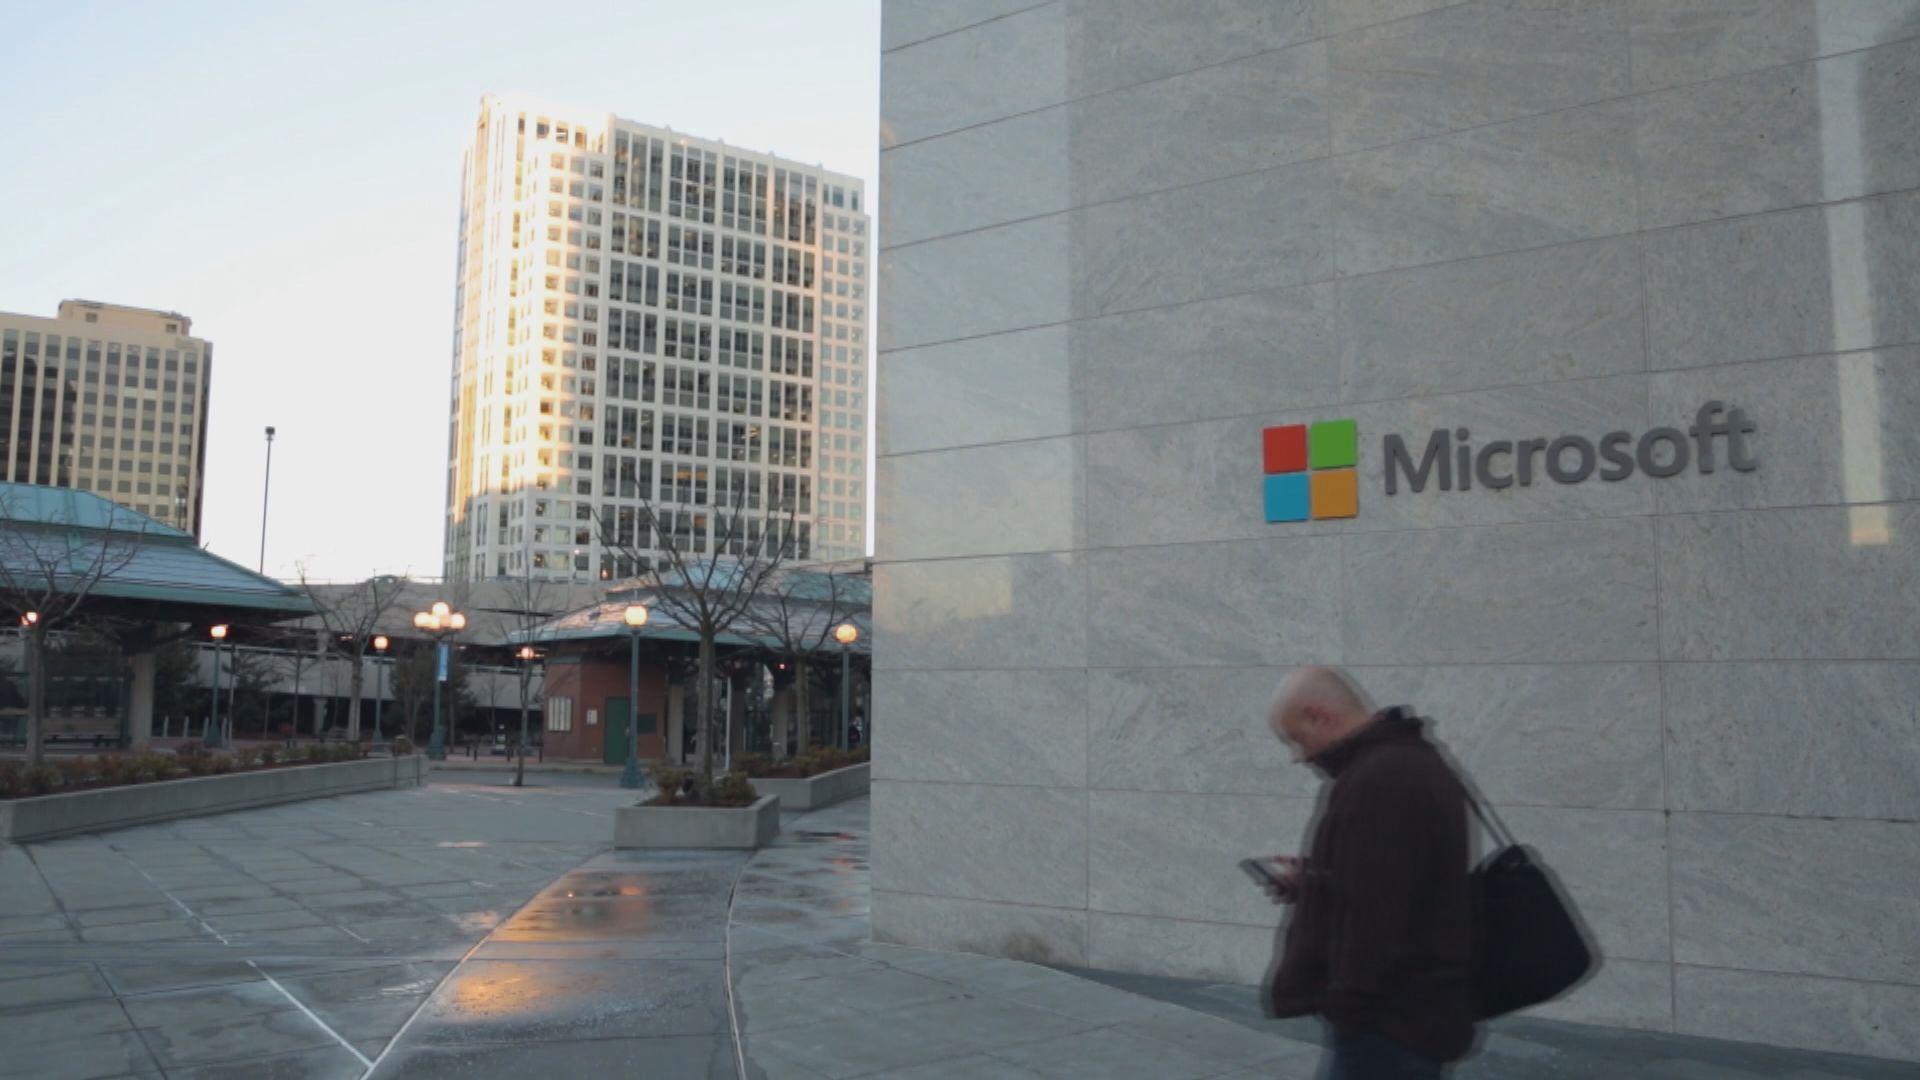 微軟稱中俄伊三國黑客圖干預美國大選